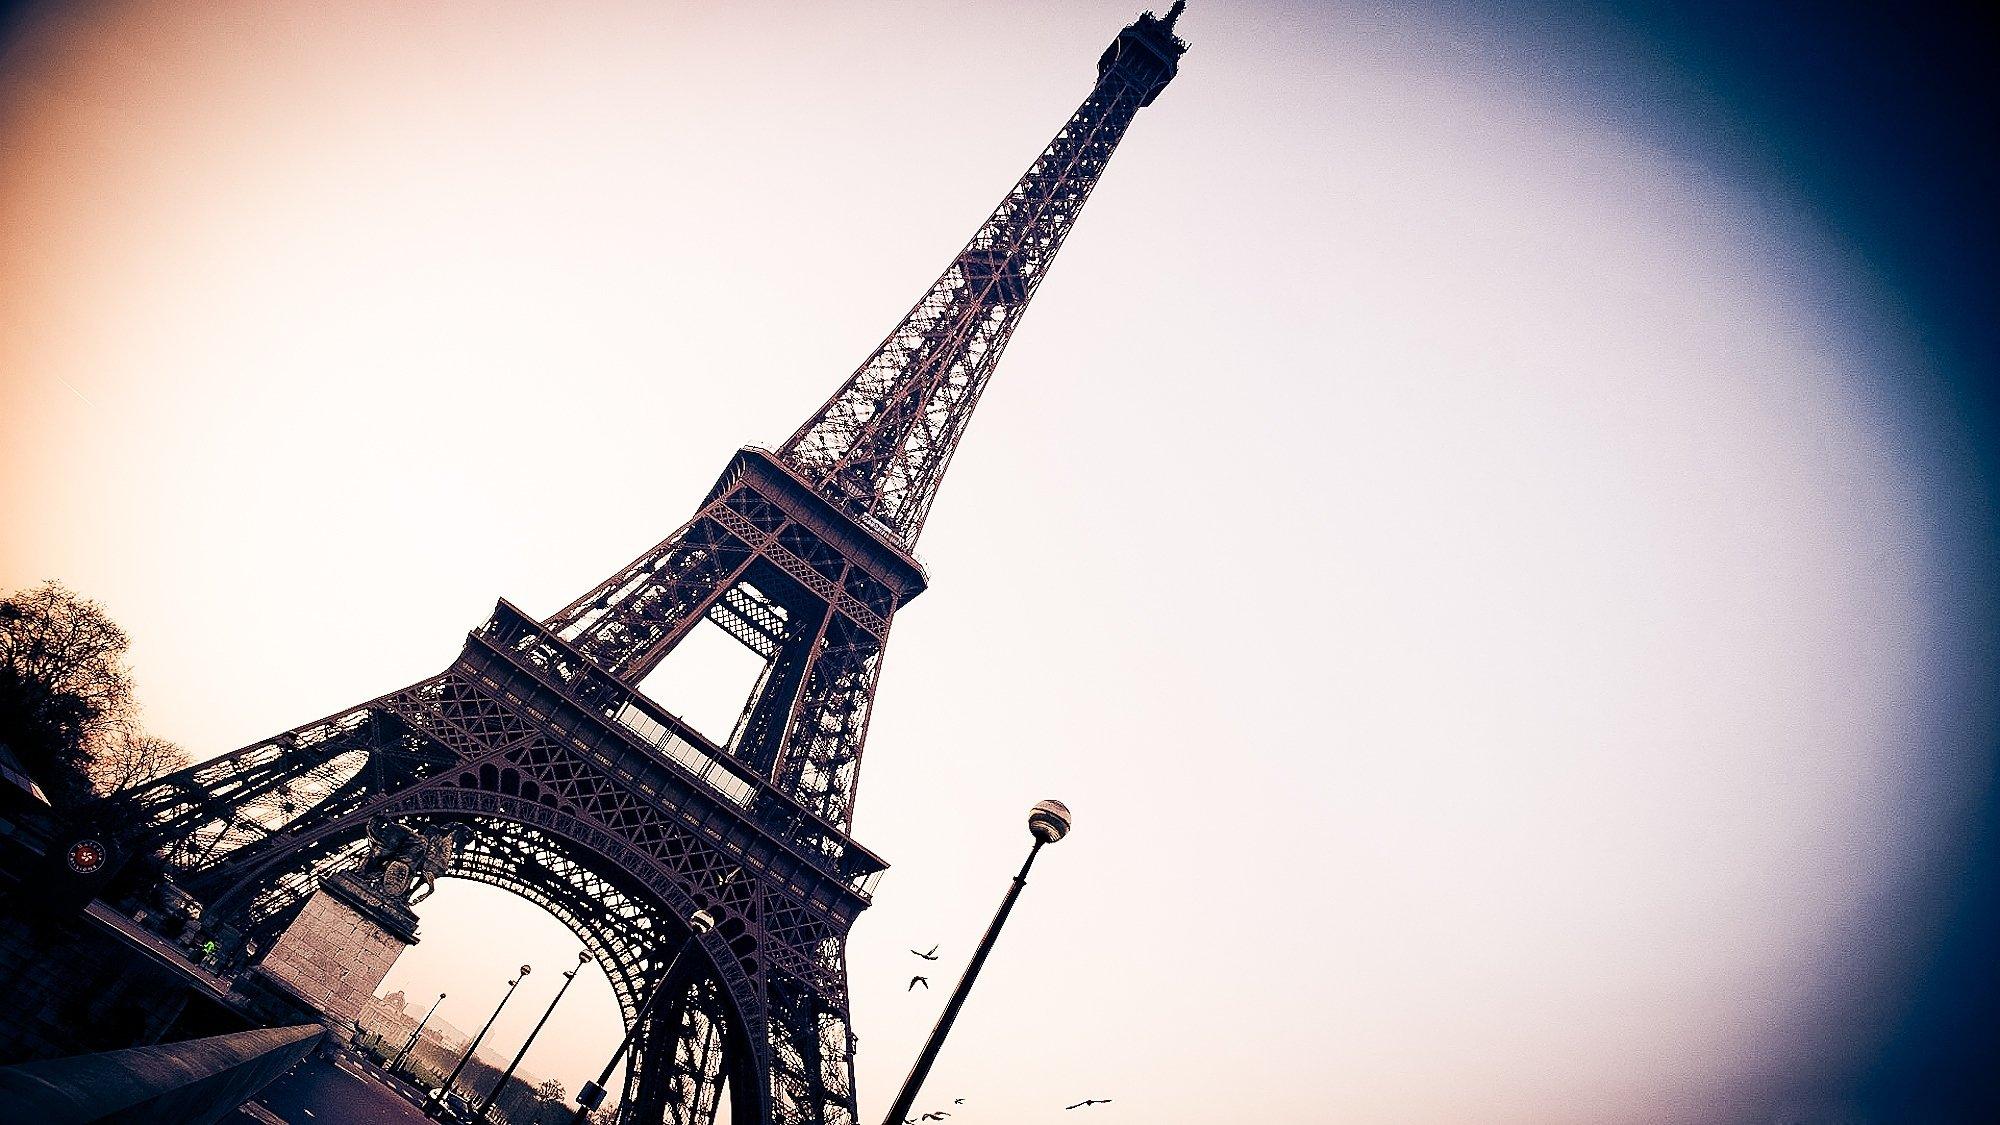 Париж из космоса  № 3715241 бесплатно